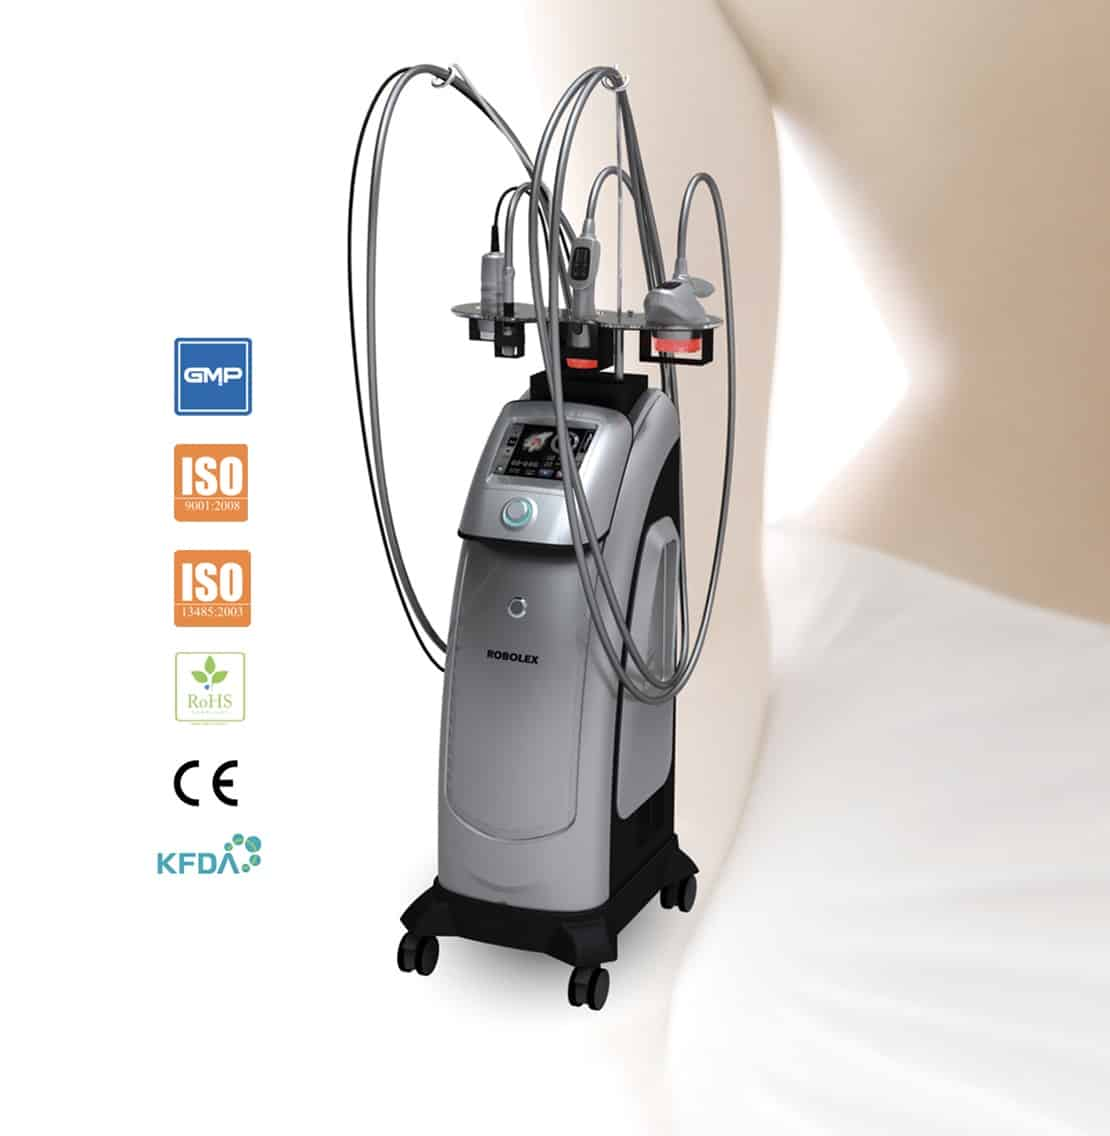 robolex trynea FDA: radiofrecuencia, cavitación, vacum, laser para eliminacion celulitis, grasa, flacidez. Tratamiento facial rejuvenecimiento y corporal. Belium Medical distribuidor españa